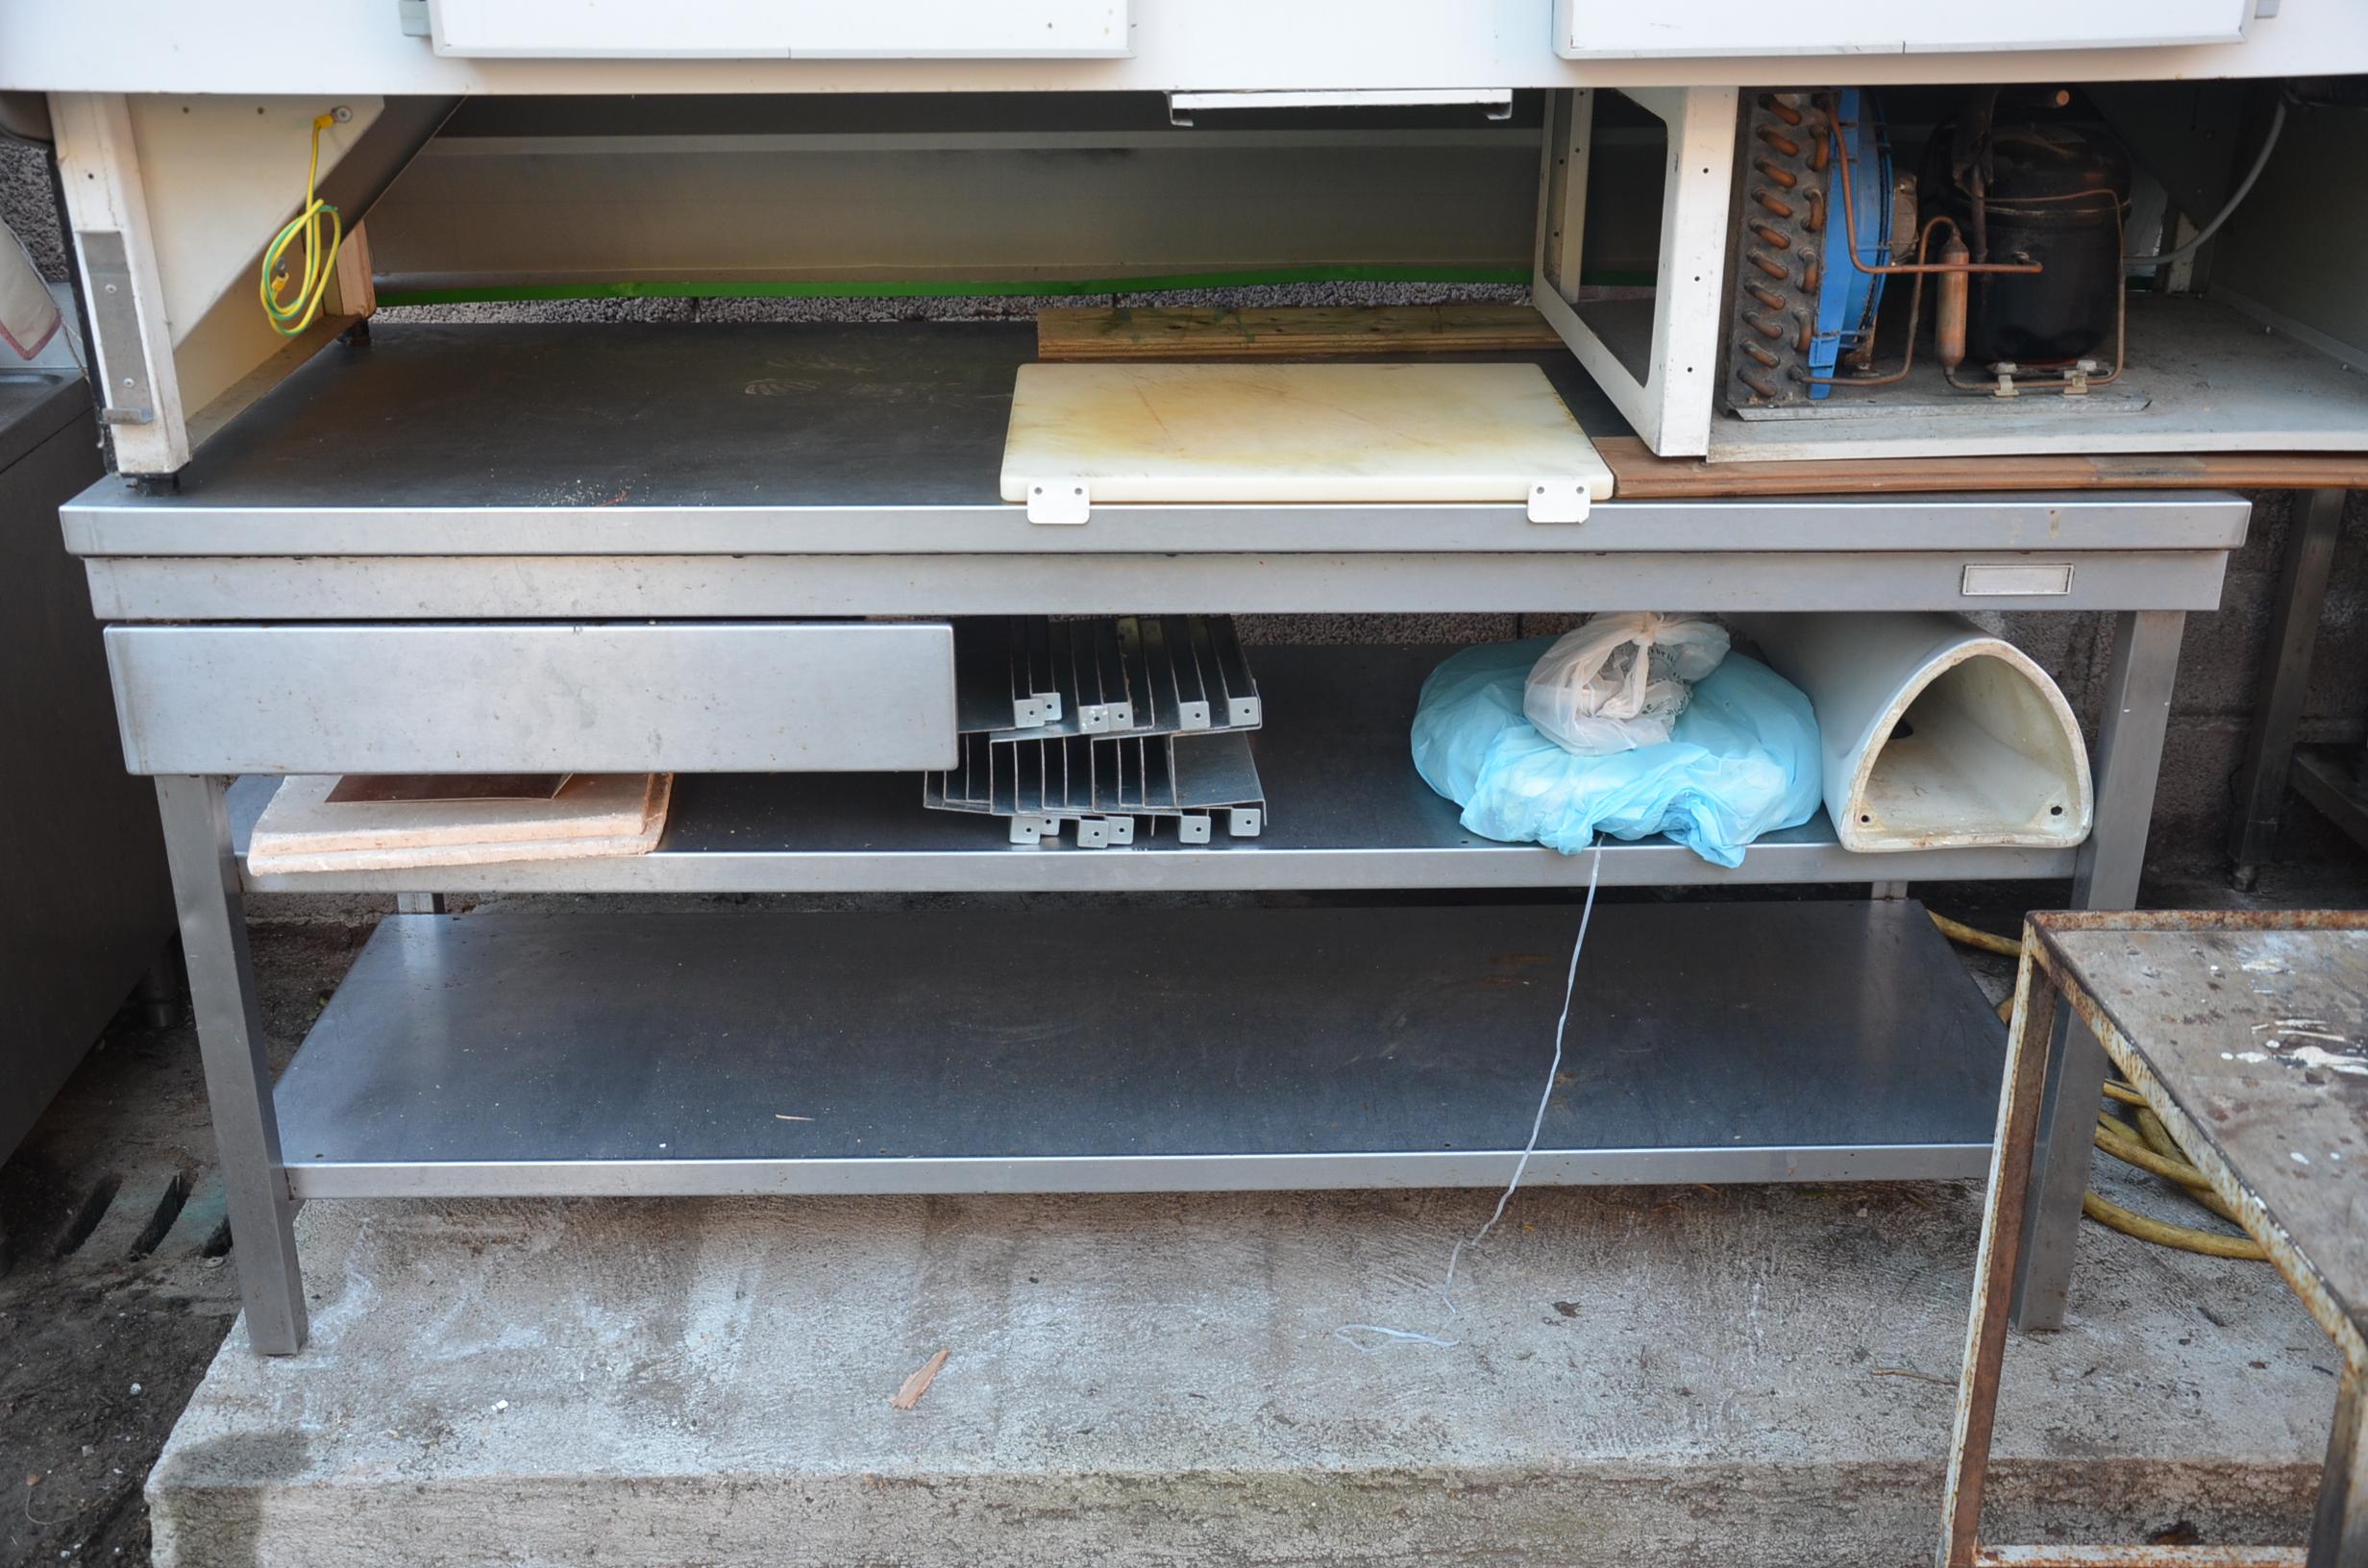 Cucine Da Esterno Usate: Usato arredamento mobili e accessori per ...